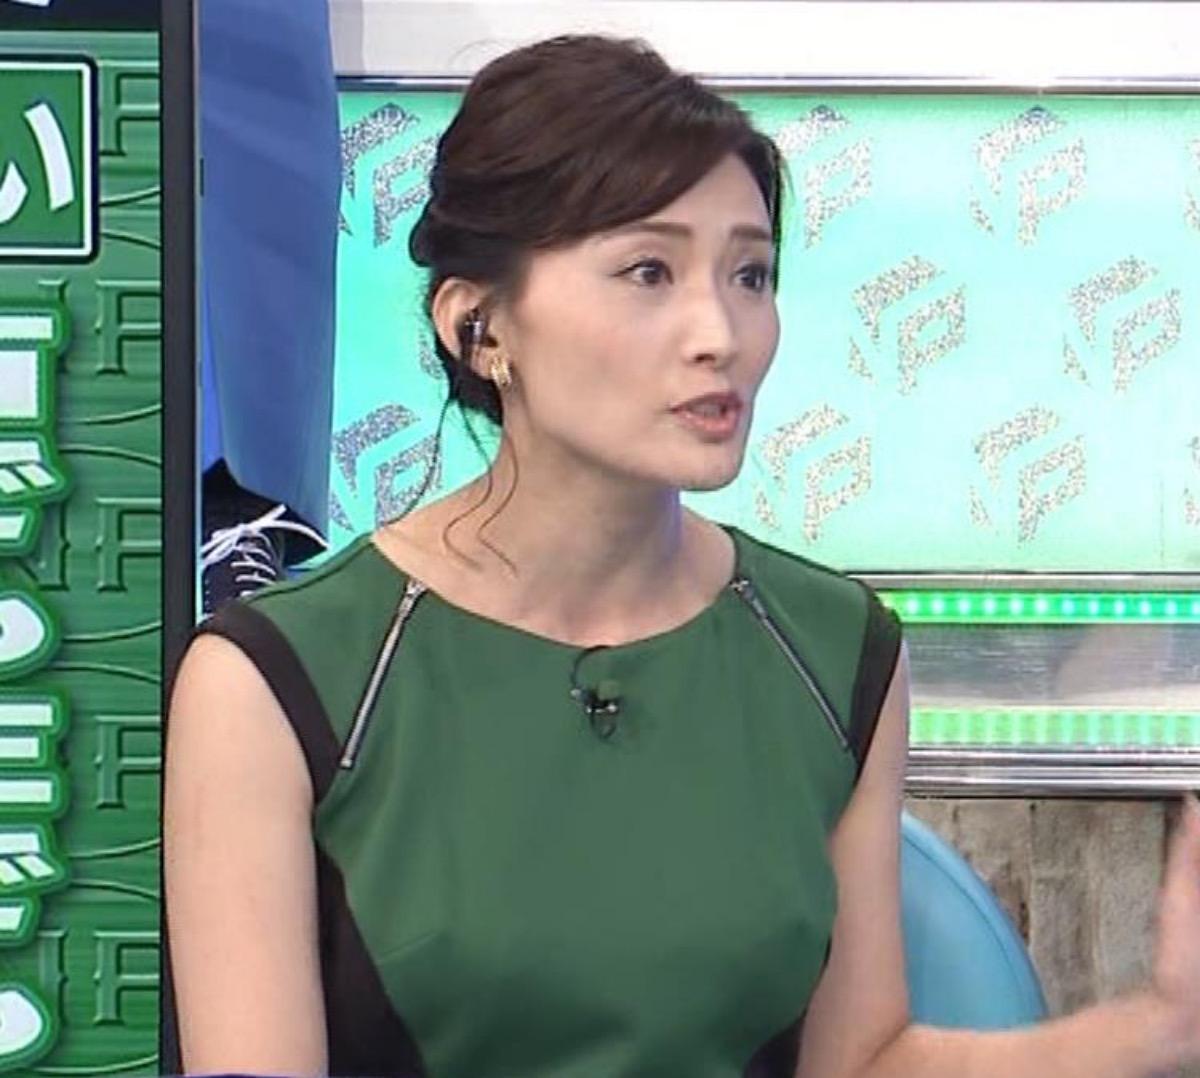 【乳首】2度目の不倫をした宮崎謙介の妻、金子恵美の乳首が???